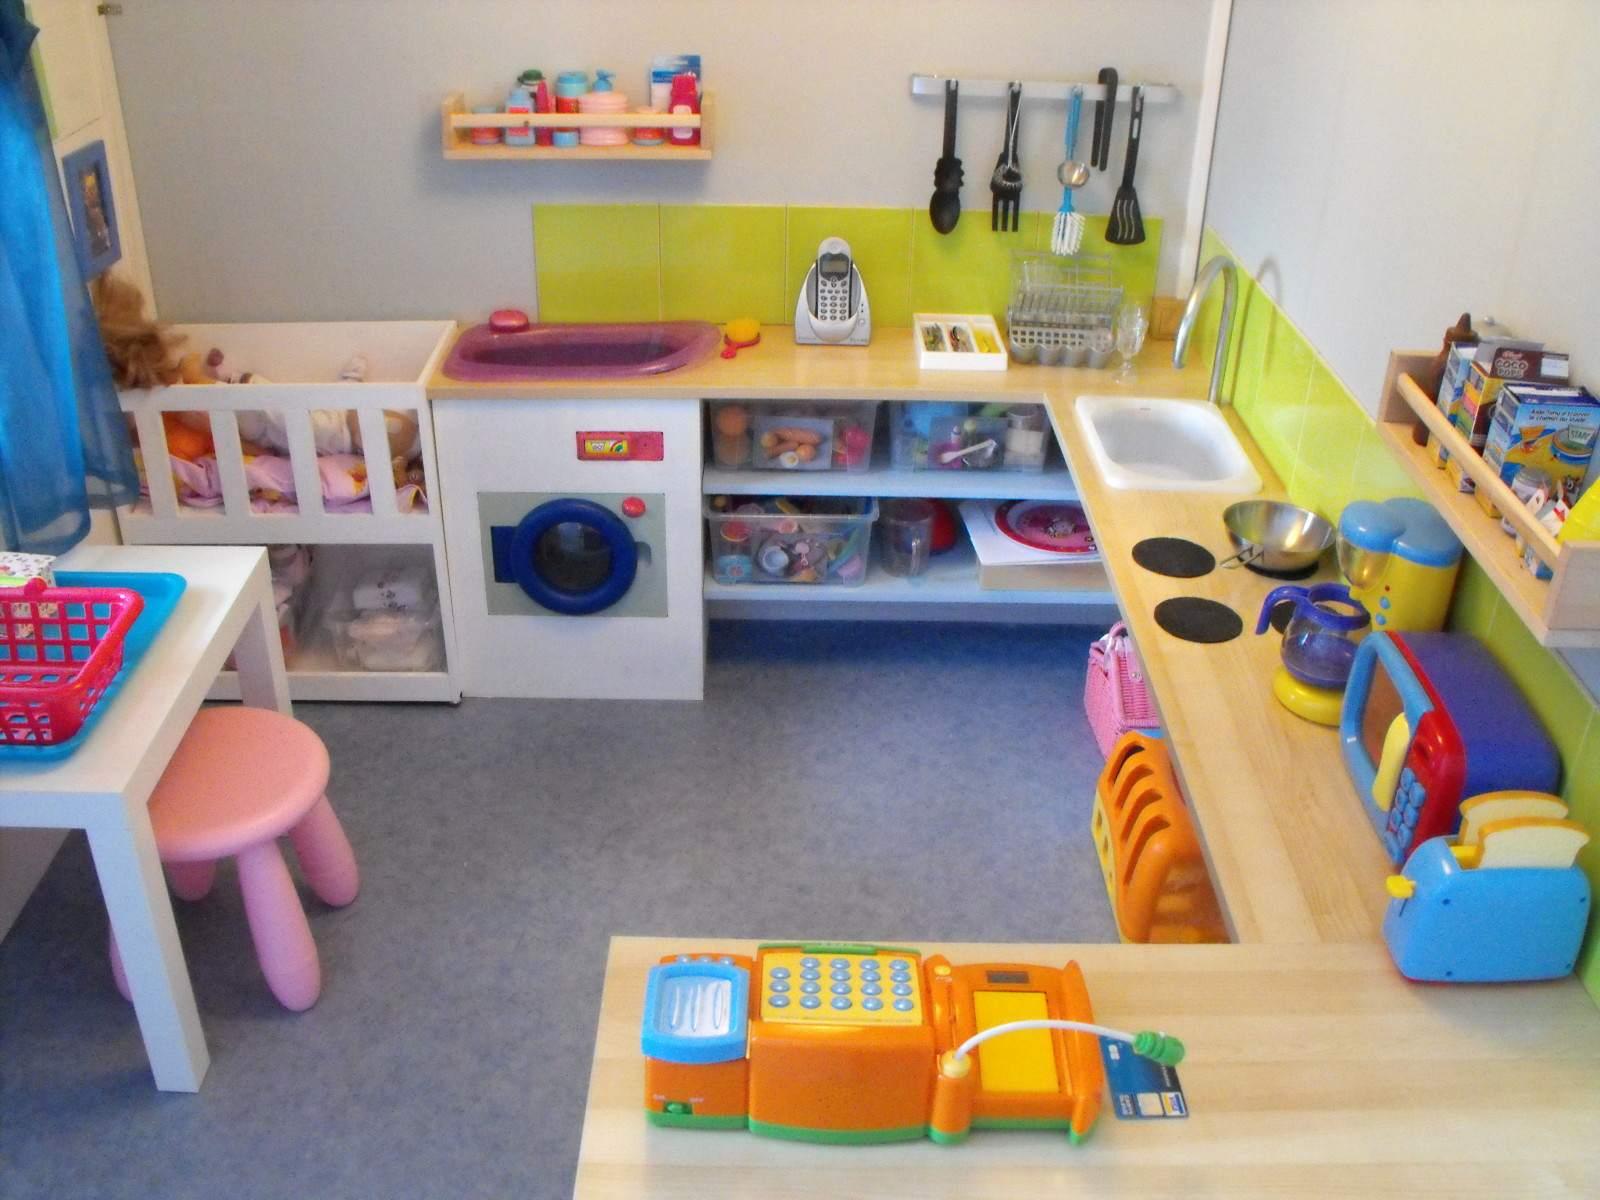 Jeux De Sara Cuisine Luxe Photos Jeux Cuisine De Sara Inspirant Salle De Jeux Enfants Les Enfants